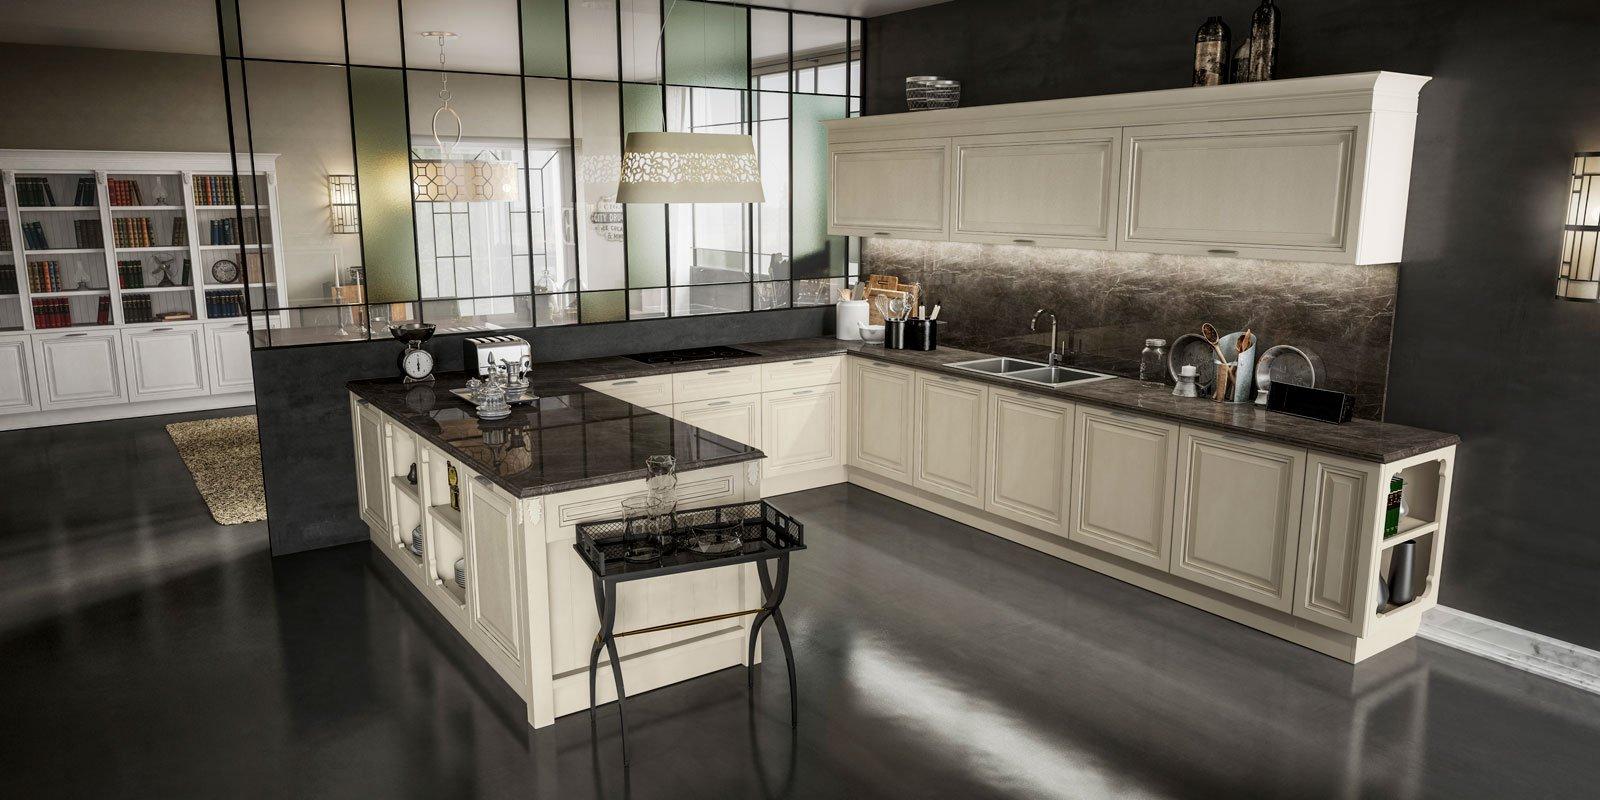 Cucine classiche in legno o laccate cose di casa - Cucine classiche berloni ...